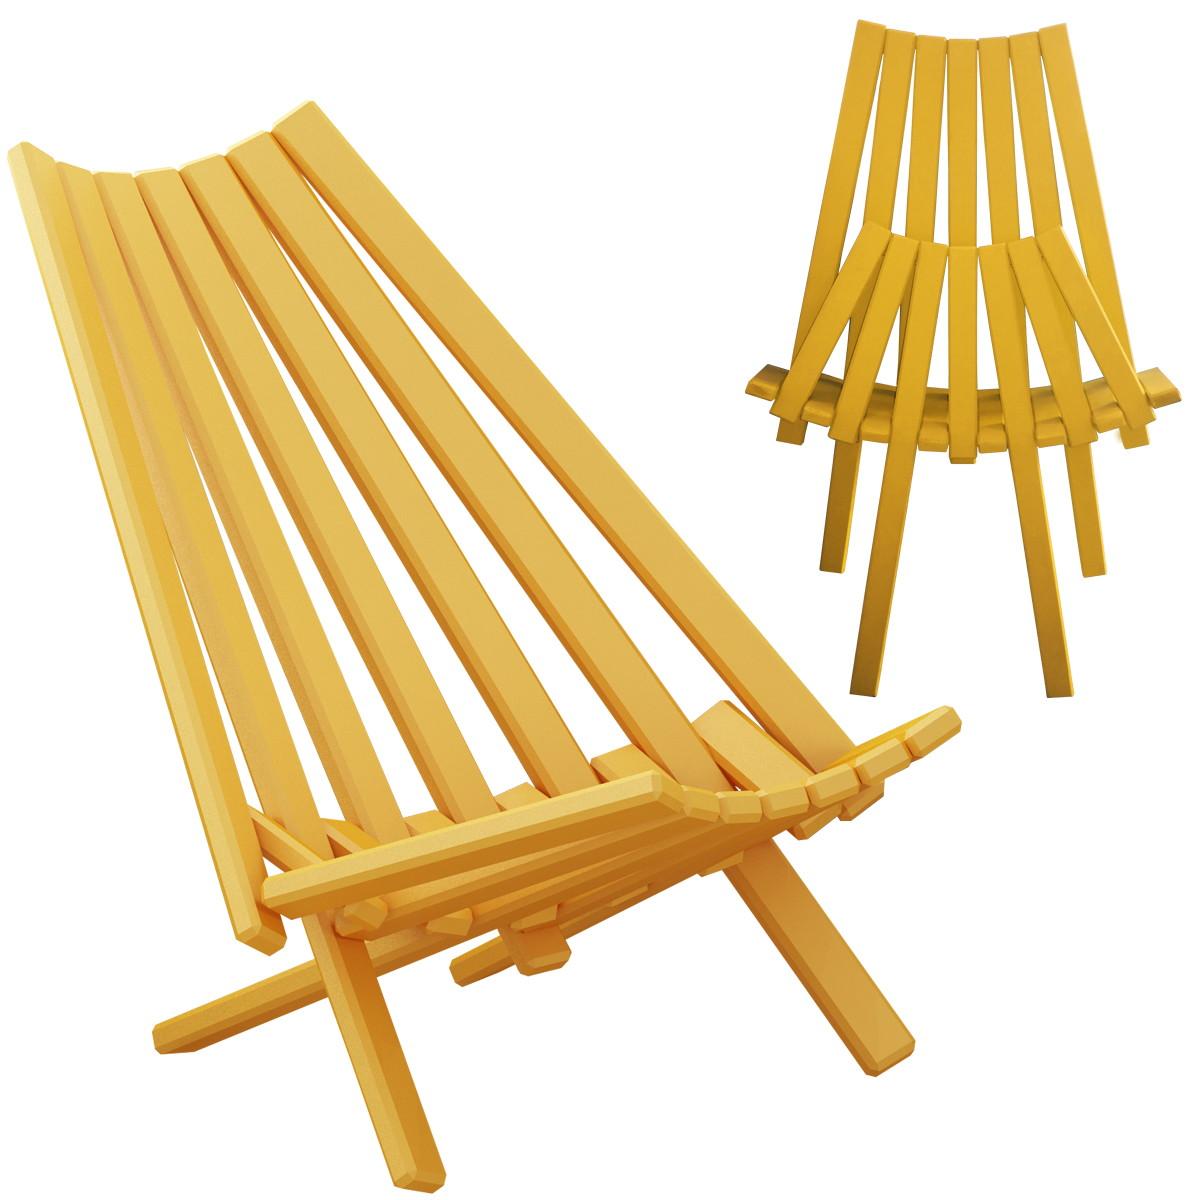 cadeira varanda dobravel ripada madeira cadeirapraia cadeira varanda  #B04F0D 1200x1200